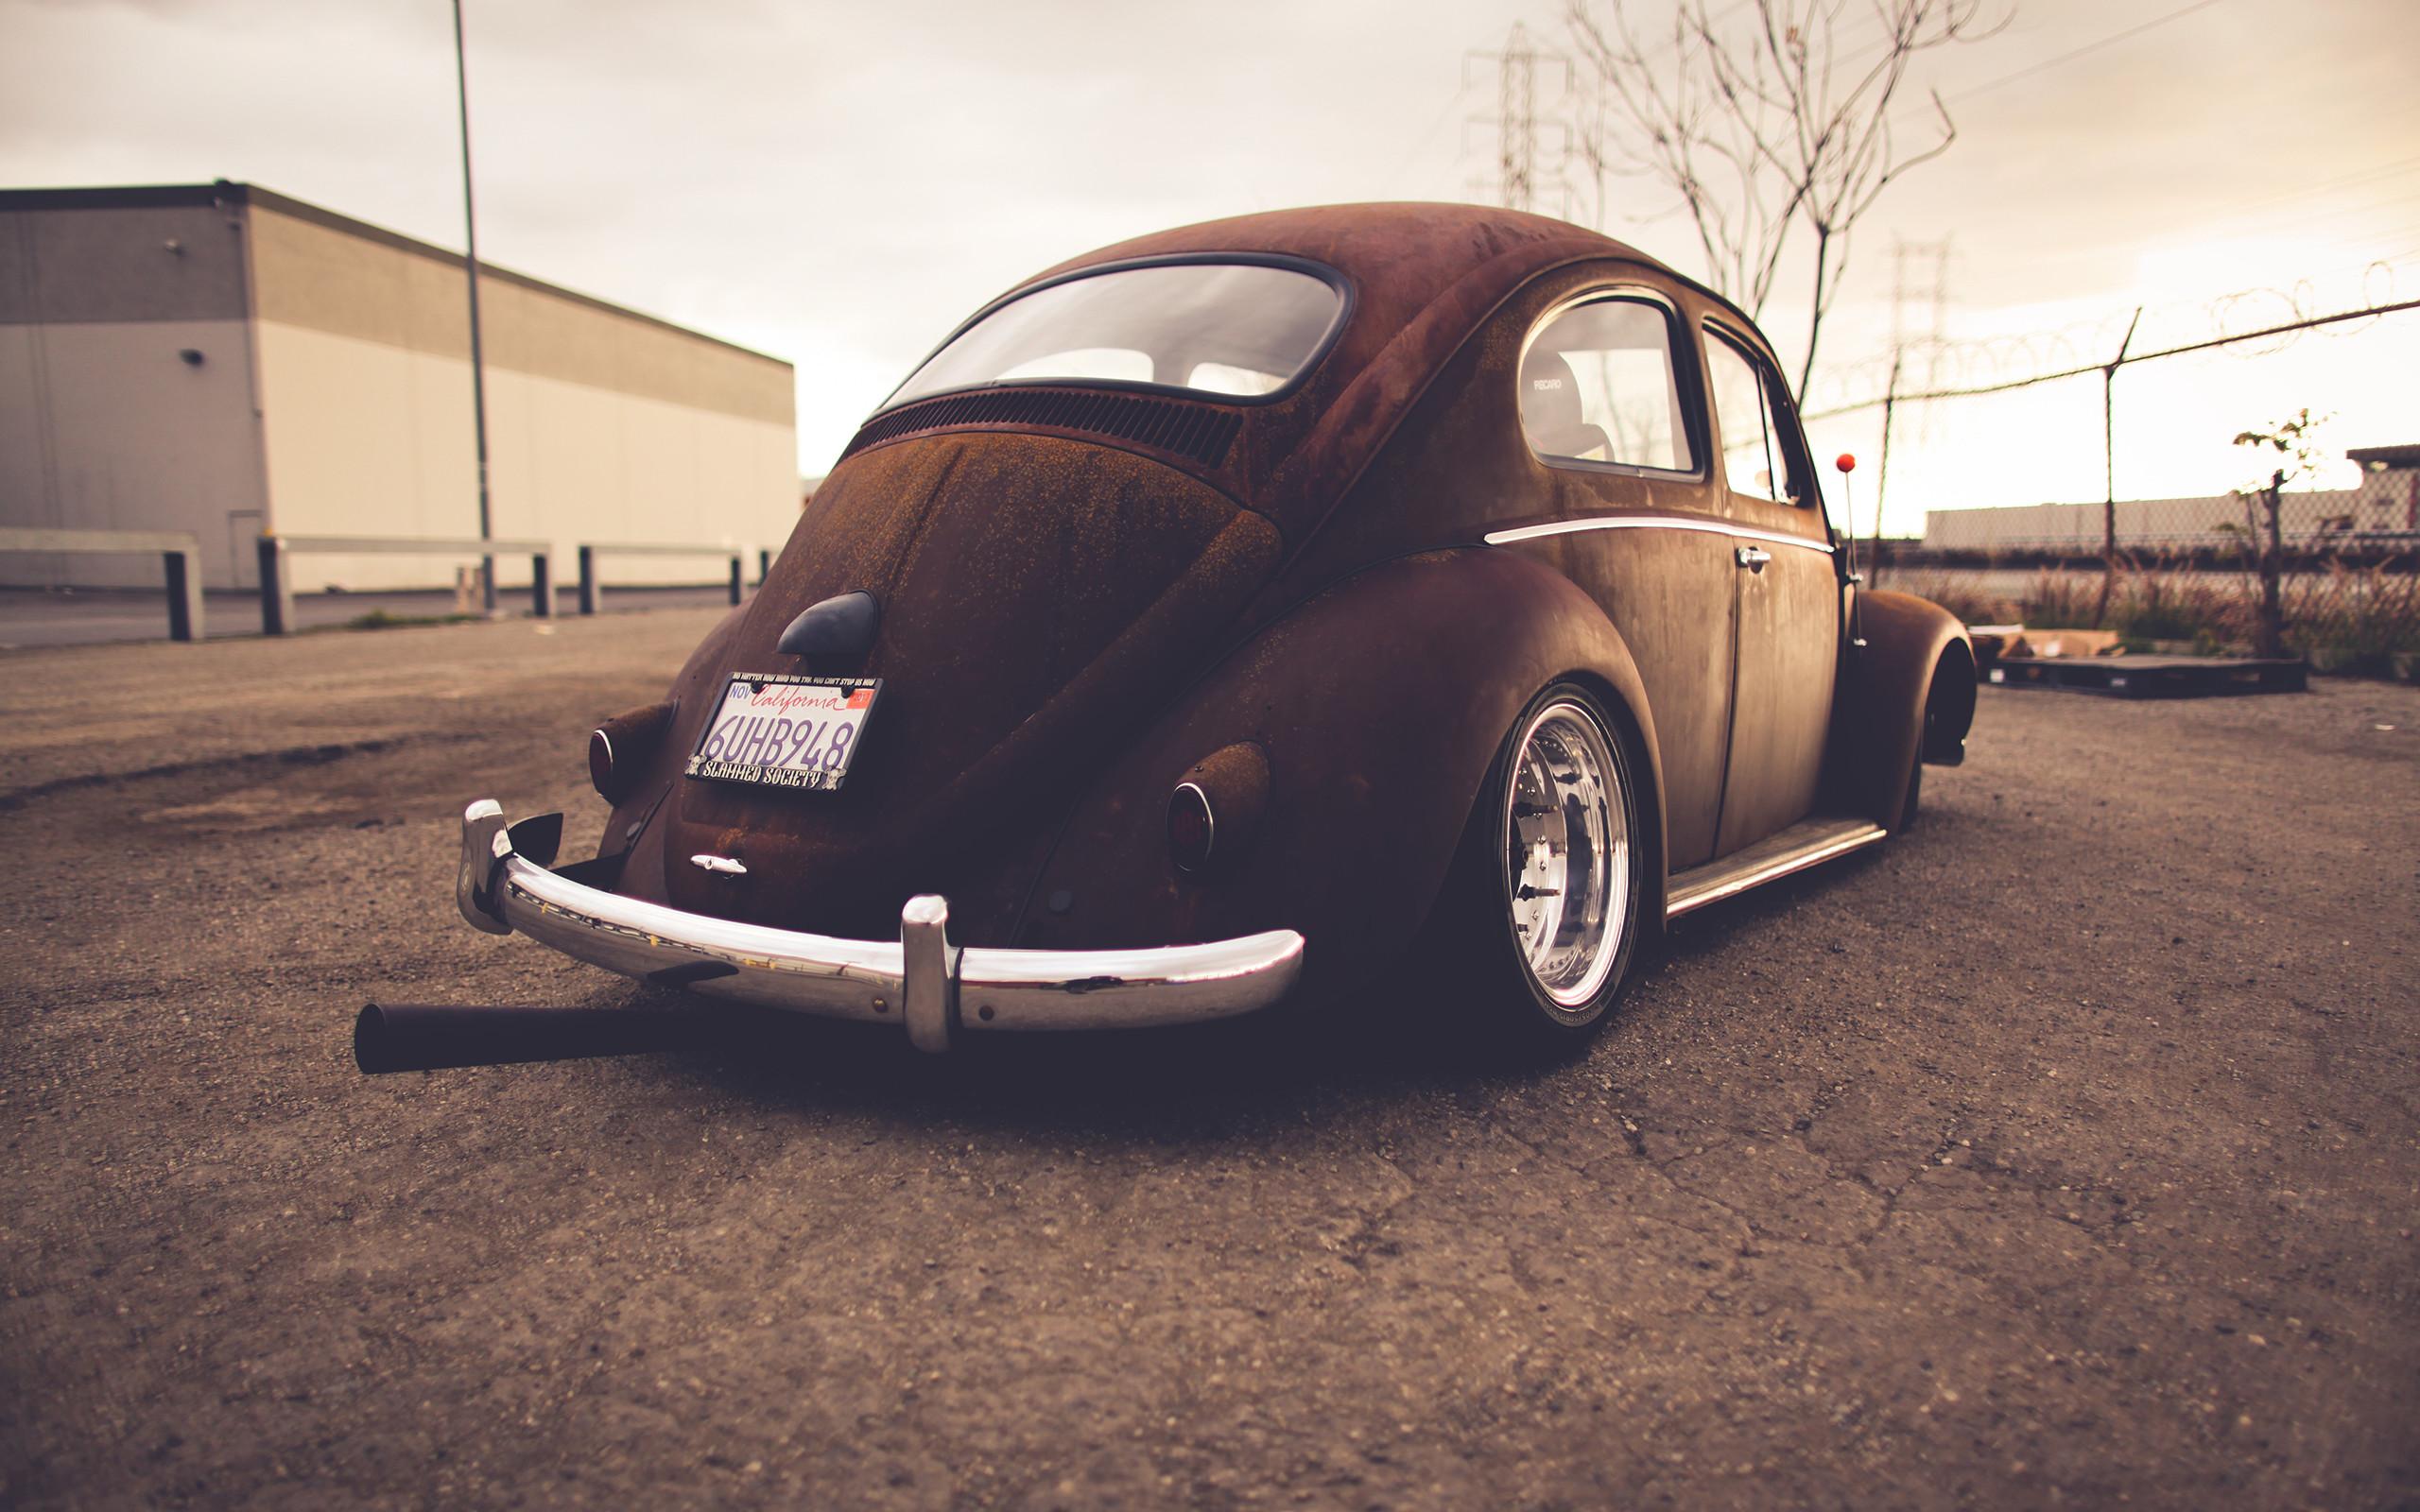 Volkswagen Beetle images Volkswagen Beetle (Volkswagen Käfer): Time & Rust HD  wallpaper and background photos